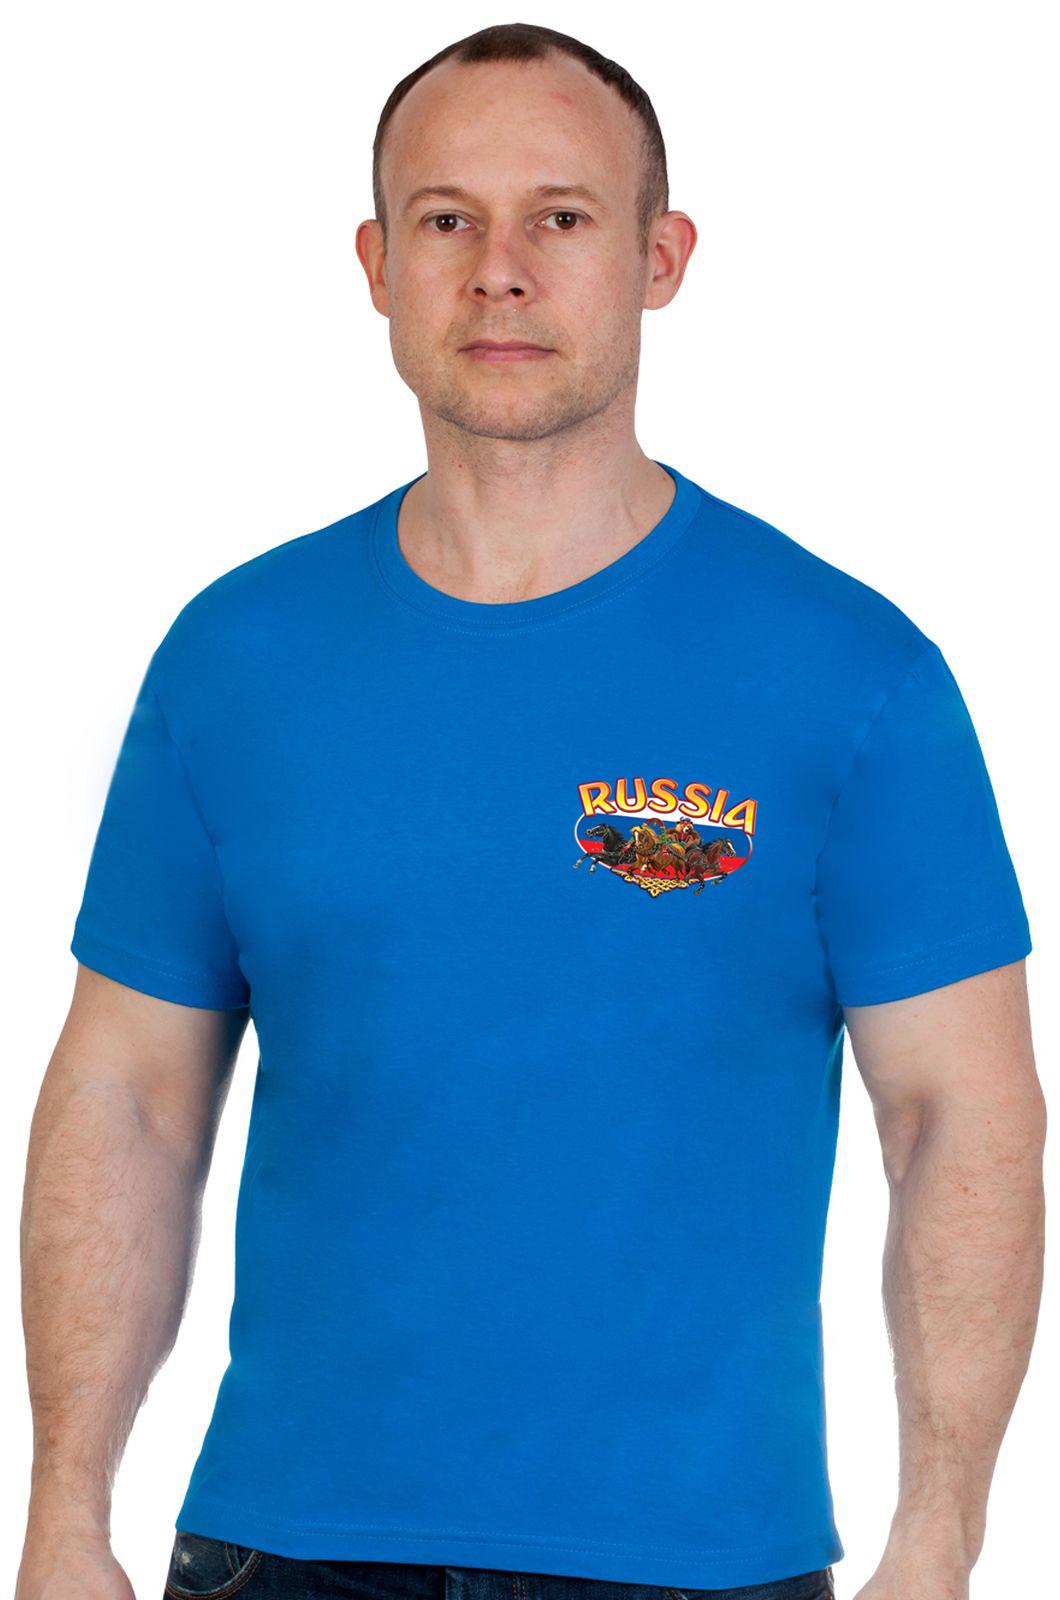 Купить хлопковую синюю футболку РОССИЯ по экономичной цене